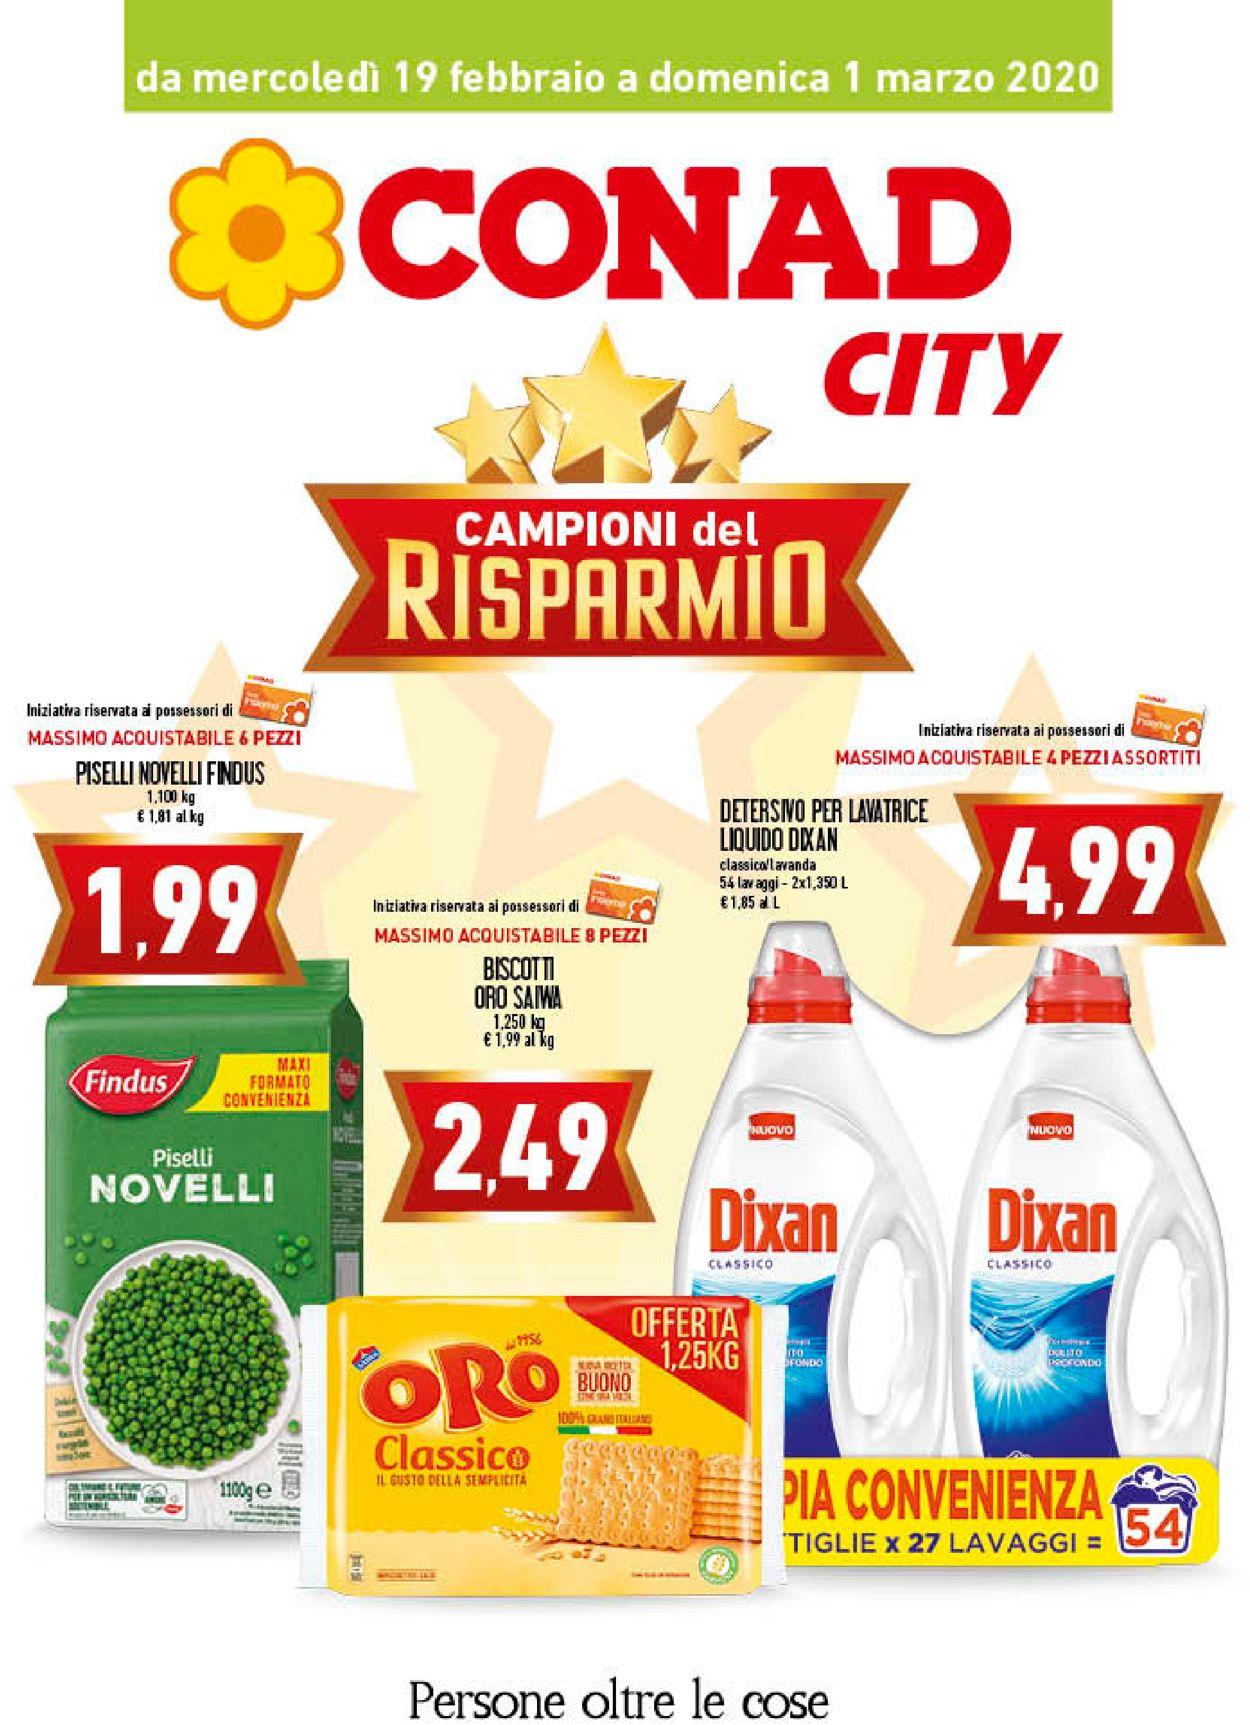 Volantino Conad - Offerte 19/02-01/03/2020